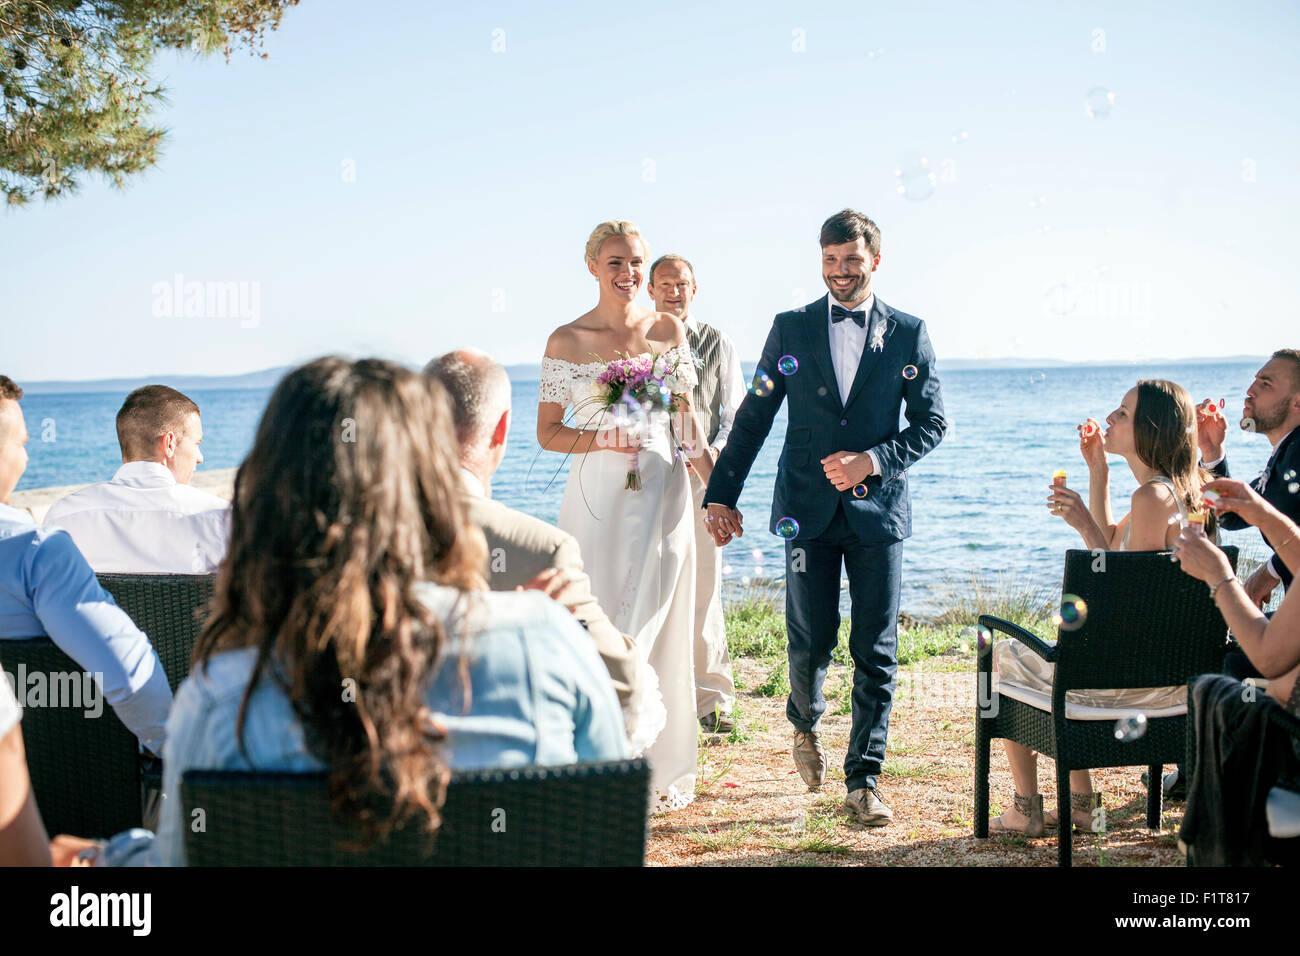 Sposa e lo sposo alla cerimonia di nozze sulla spiaggia Immagini Stock 7912a89c958d